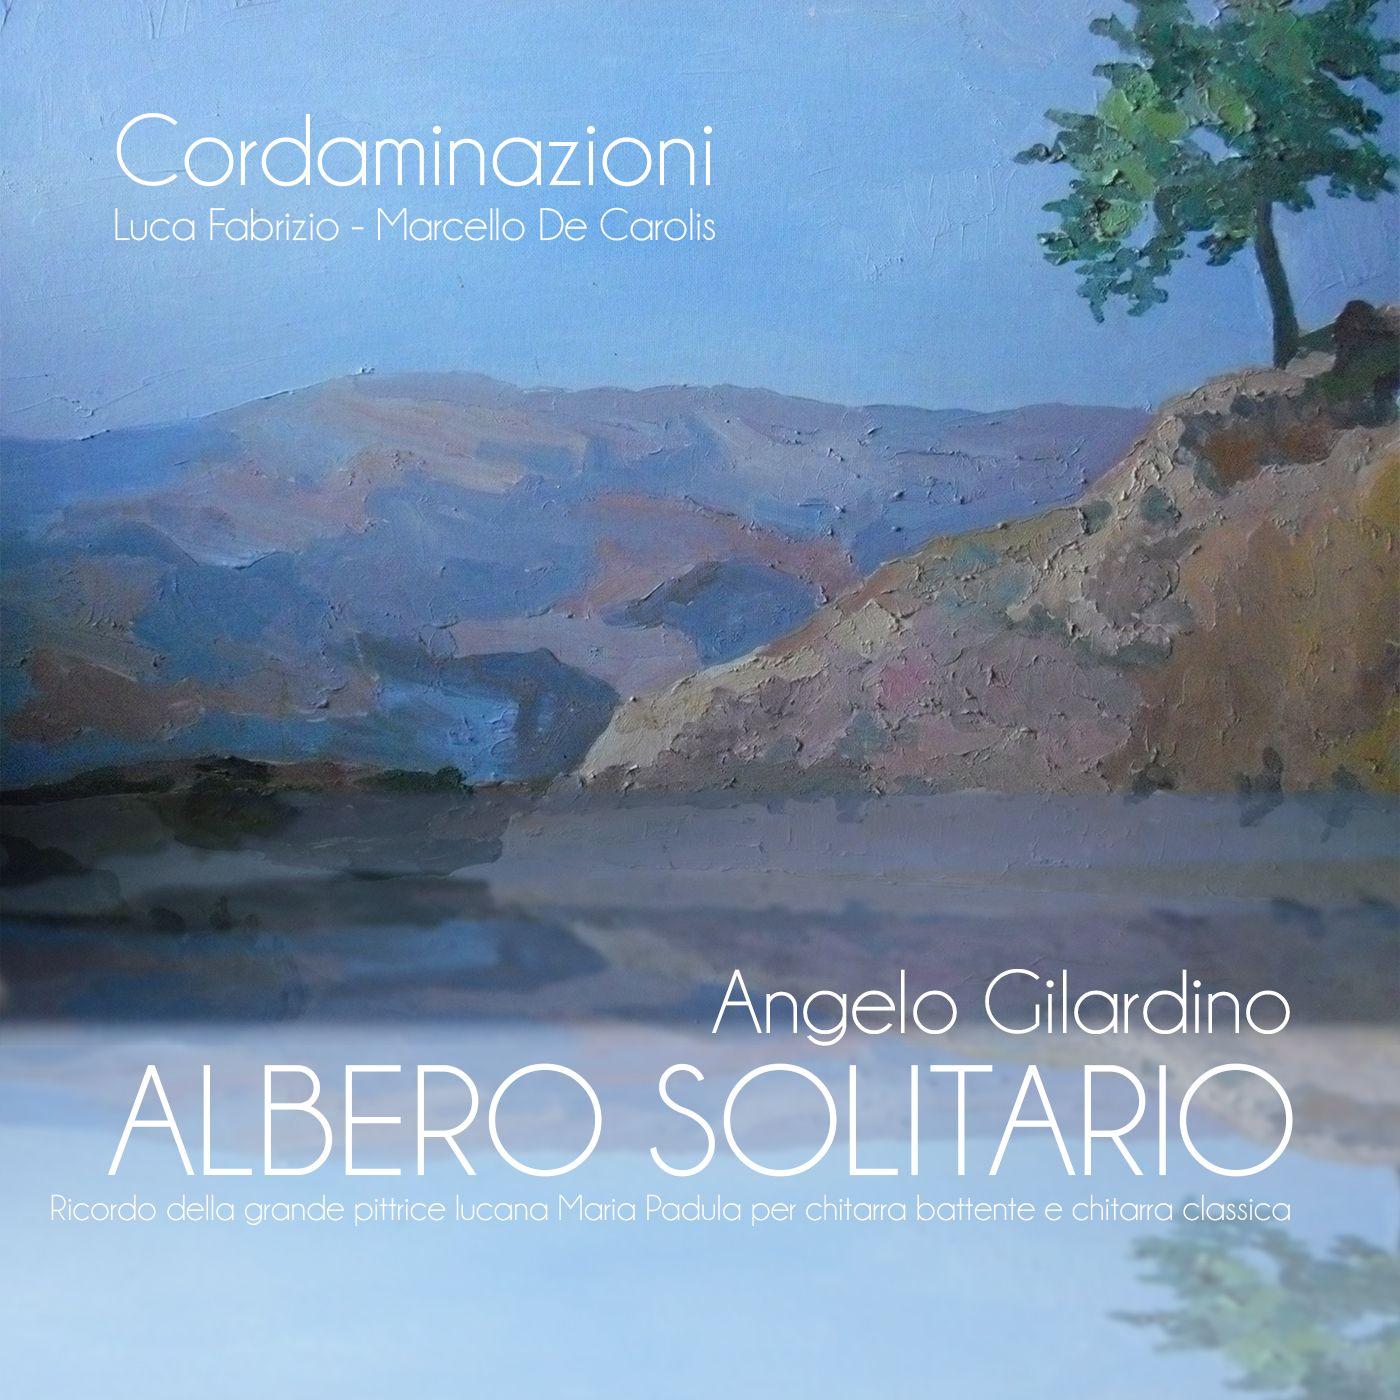 Albero Solitario: La Discografia di Marcello de Carolis: chitarrista specializzato in Chitarra Classica e Chitarra Battente: Album albero Solitario e Album Cordaminazioni